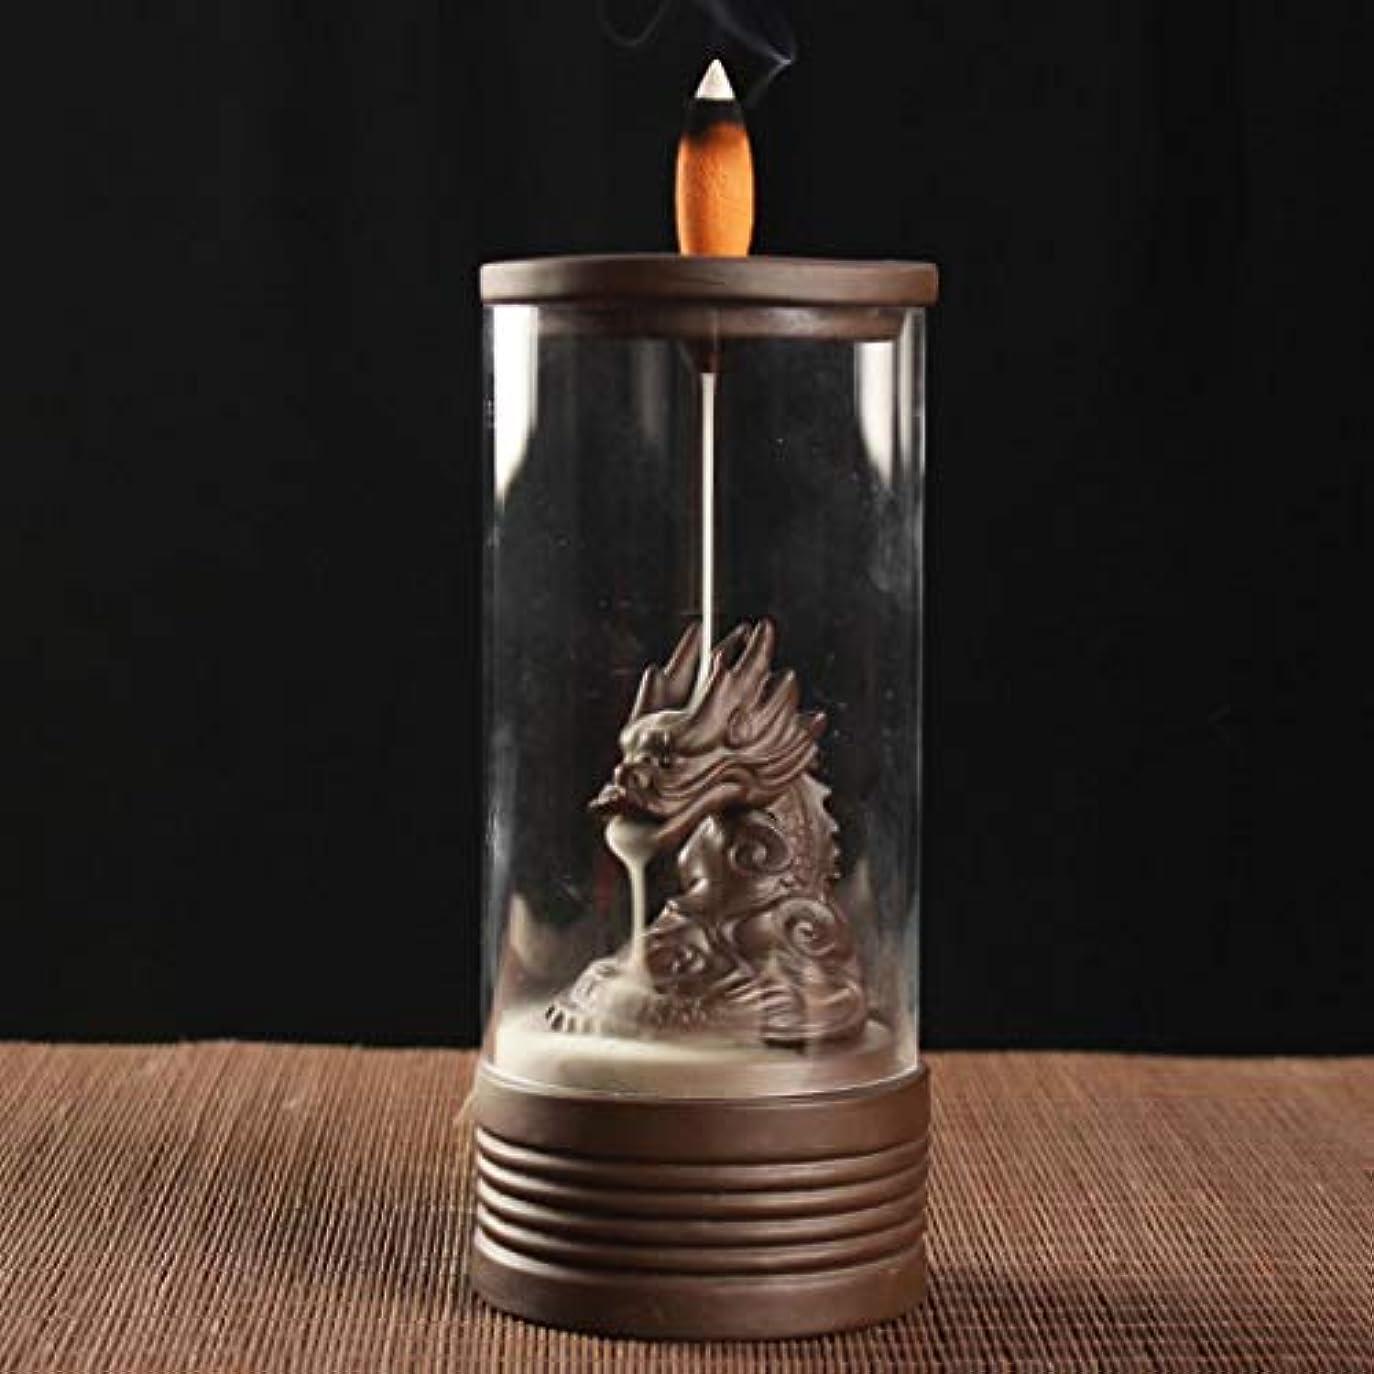 練習サーフィンネックレスAlenx ドラゴン 逆流香立て 家庭用香炉 逆流香10個付き 陶器香炉 香炉 ブラウン USZVTBO644722